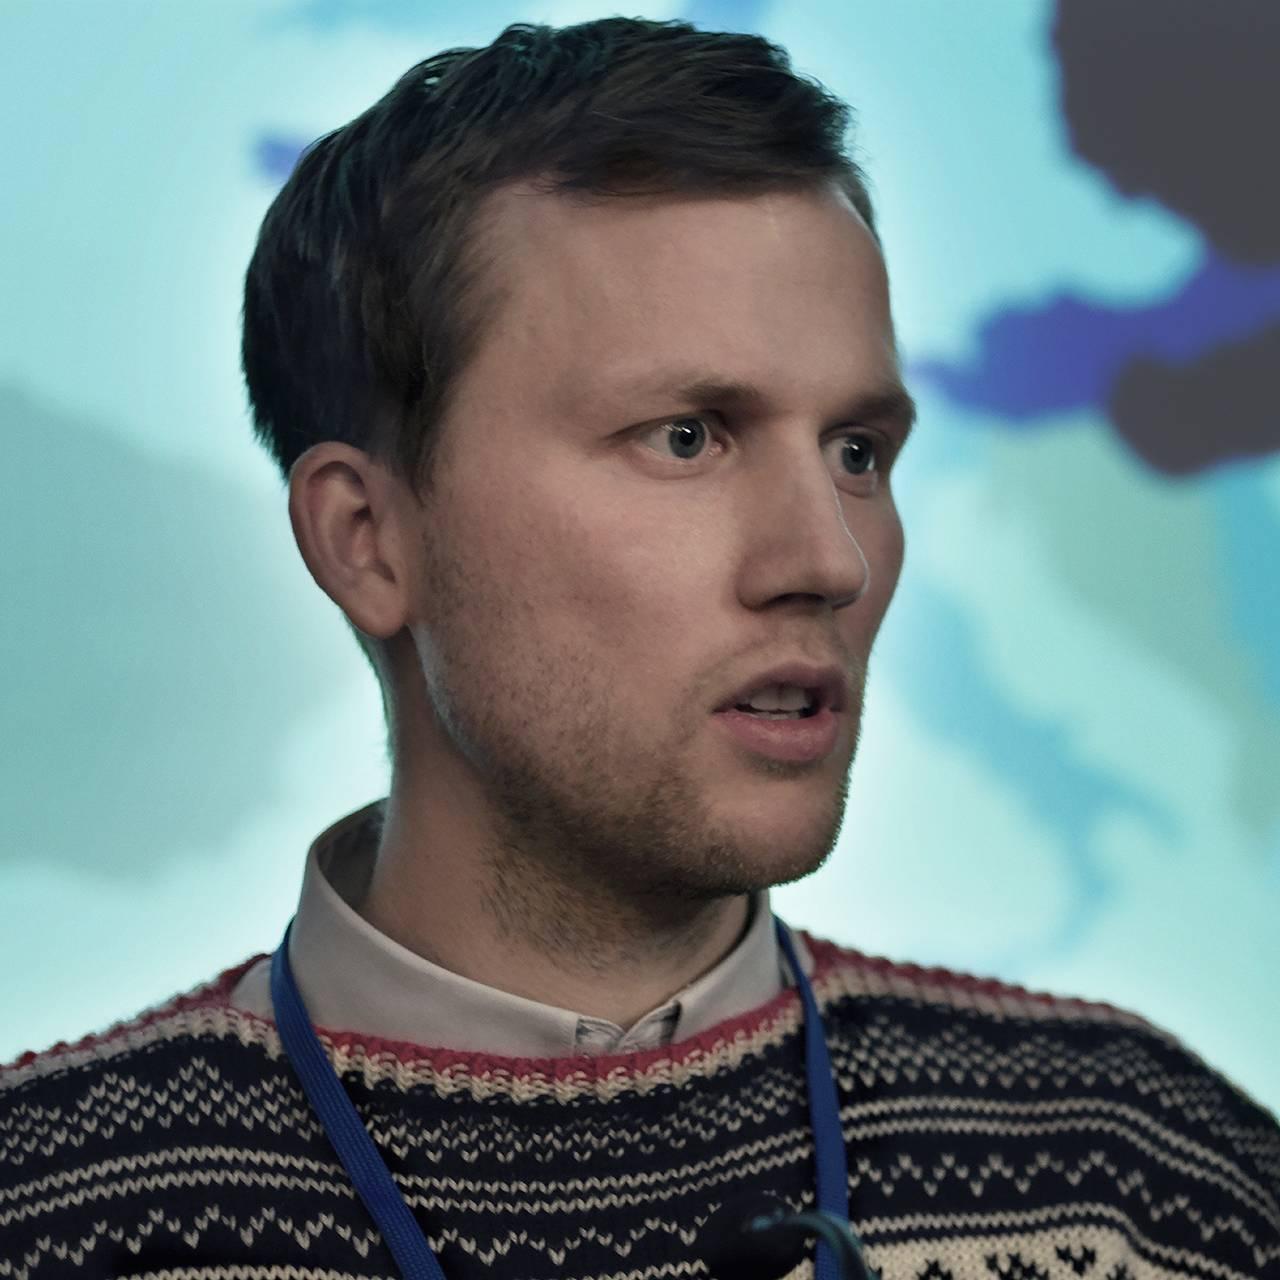 NRKs dramaserie «22. juli» – bloggeren Mads (Fredrik Høyer).